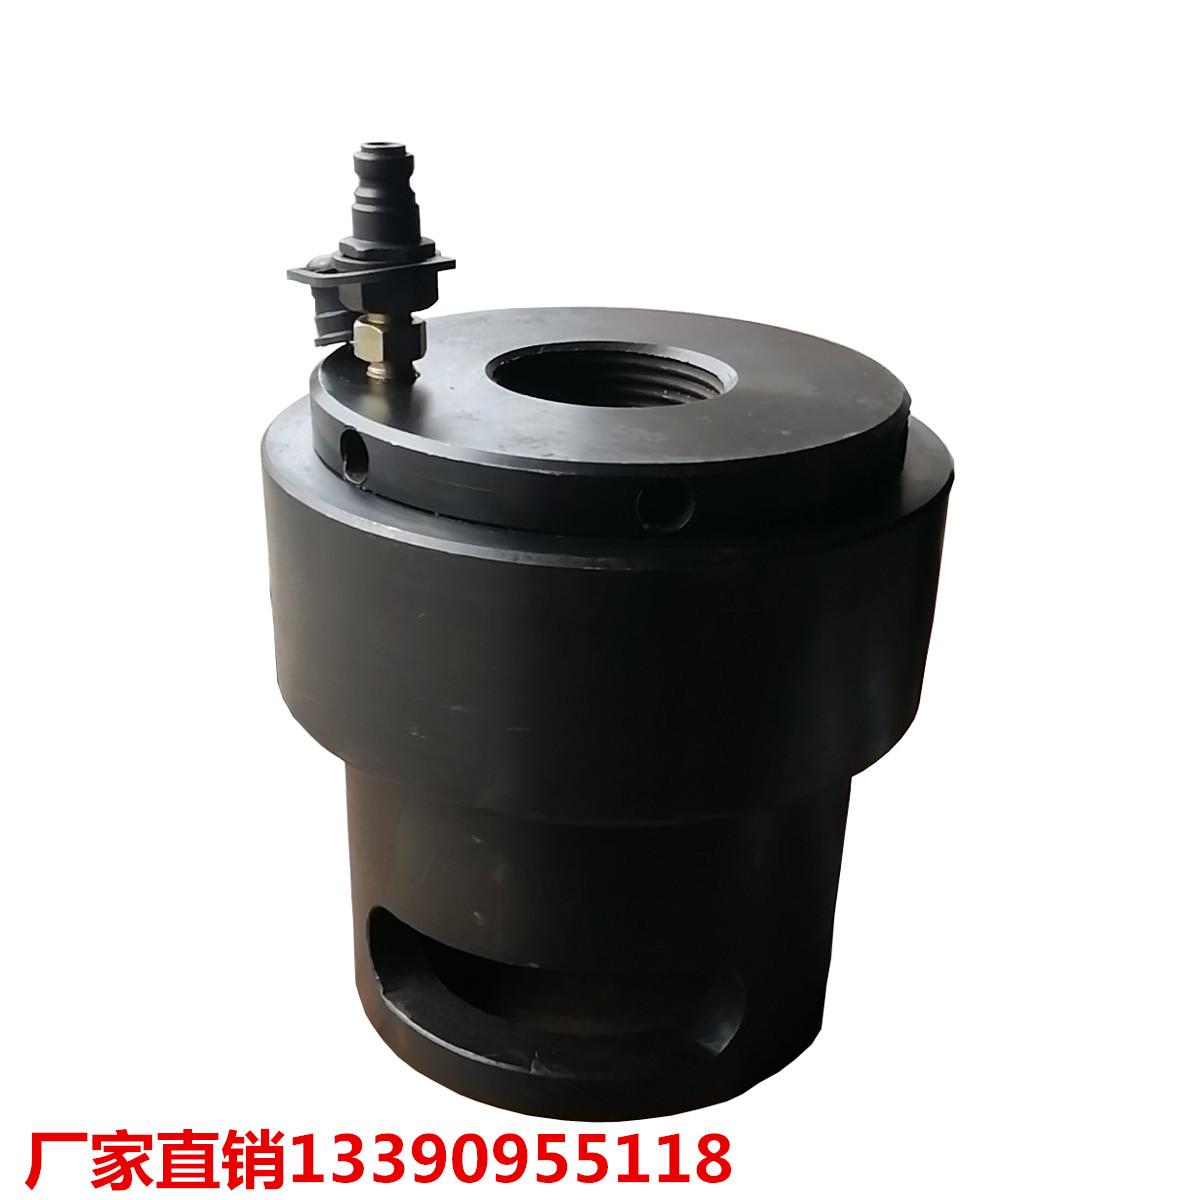 液压拉伸器 液压螺栓拉伸器组成结构 液压螺栓拉伸器